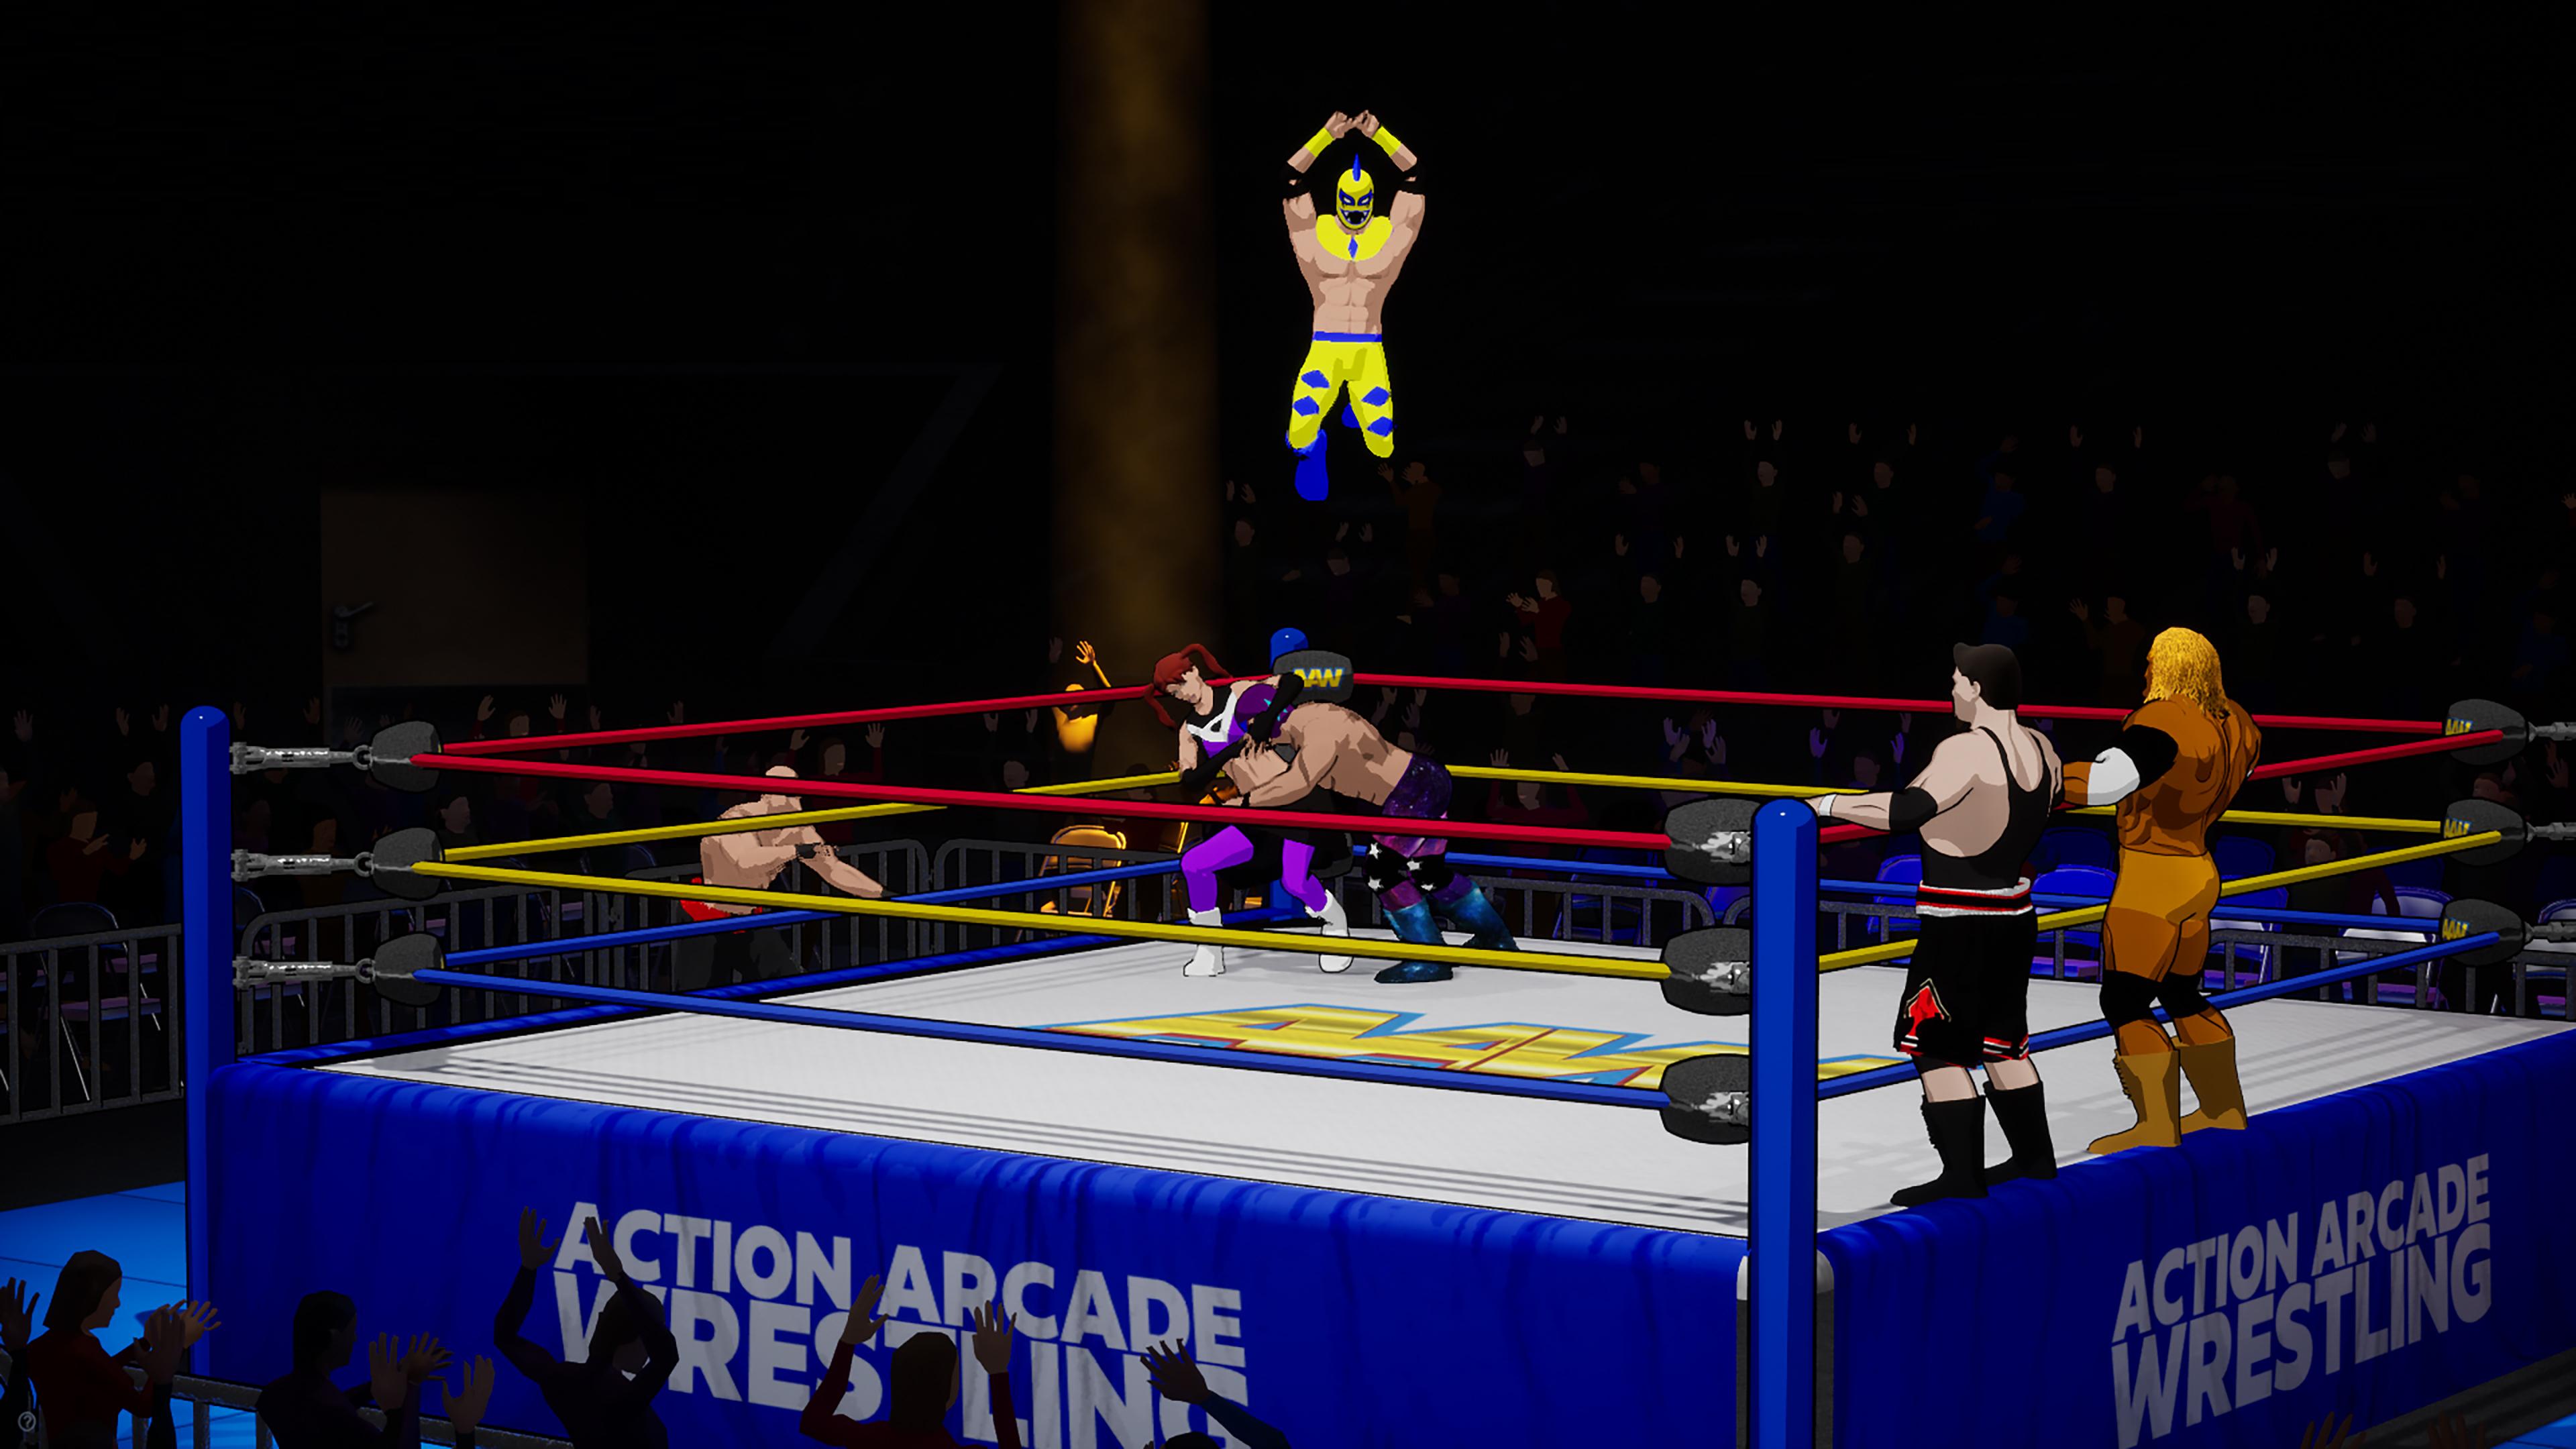 Скриншот №5 к Action Arcade Wrestling